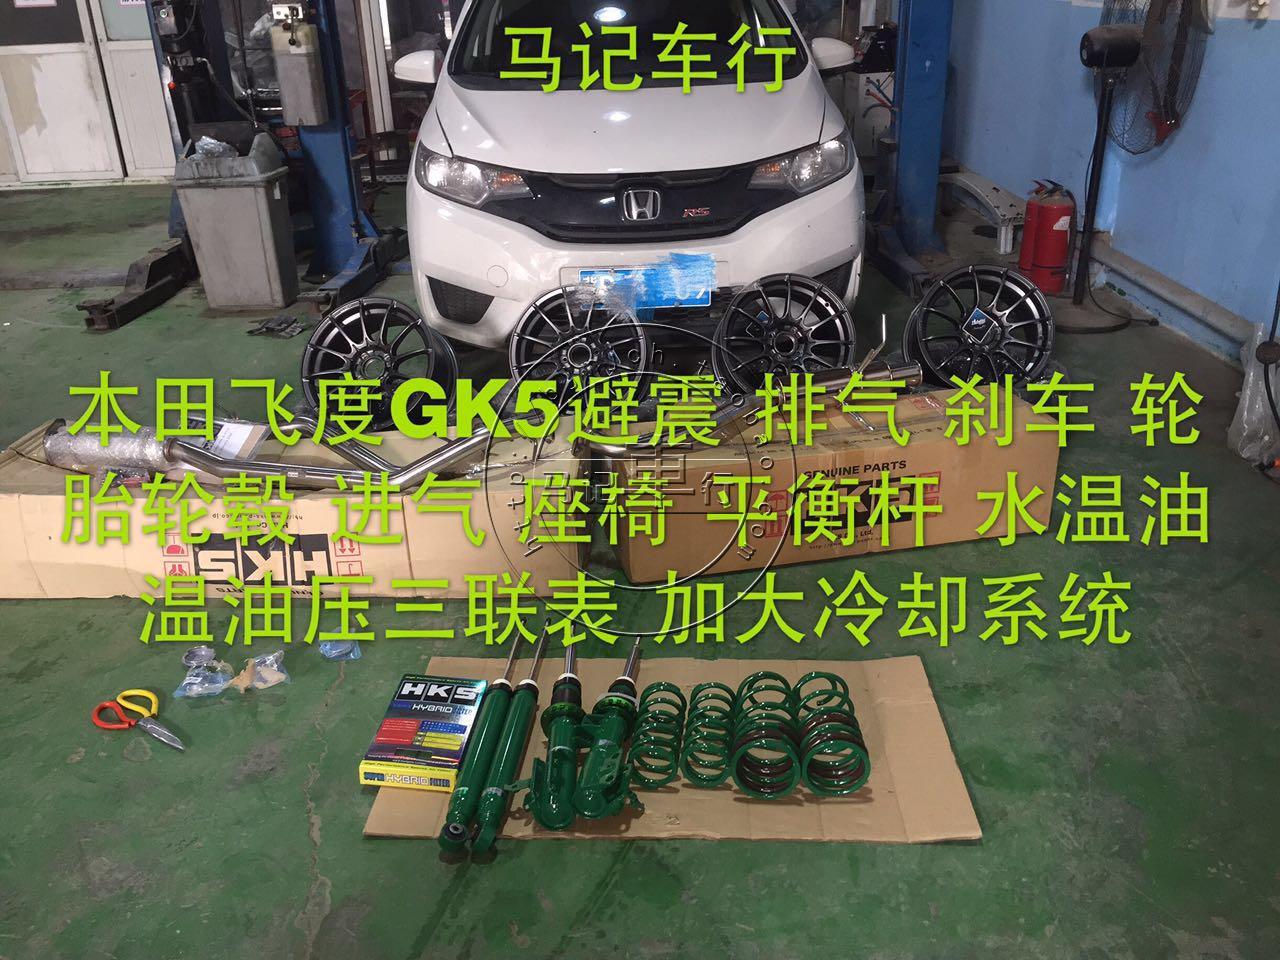 本田飞度GK5一站式改装 全车套件性能改装